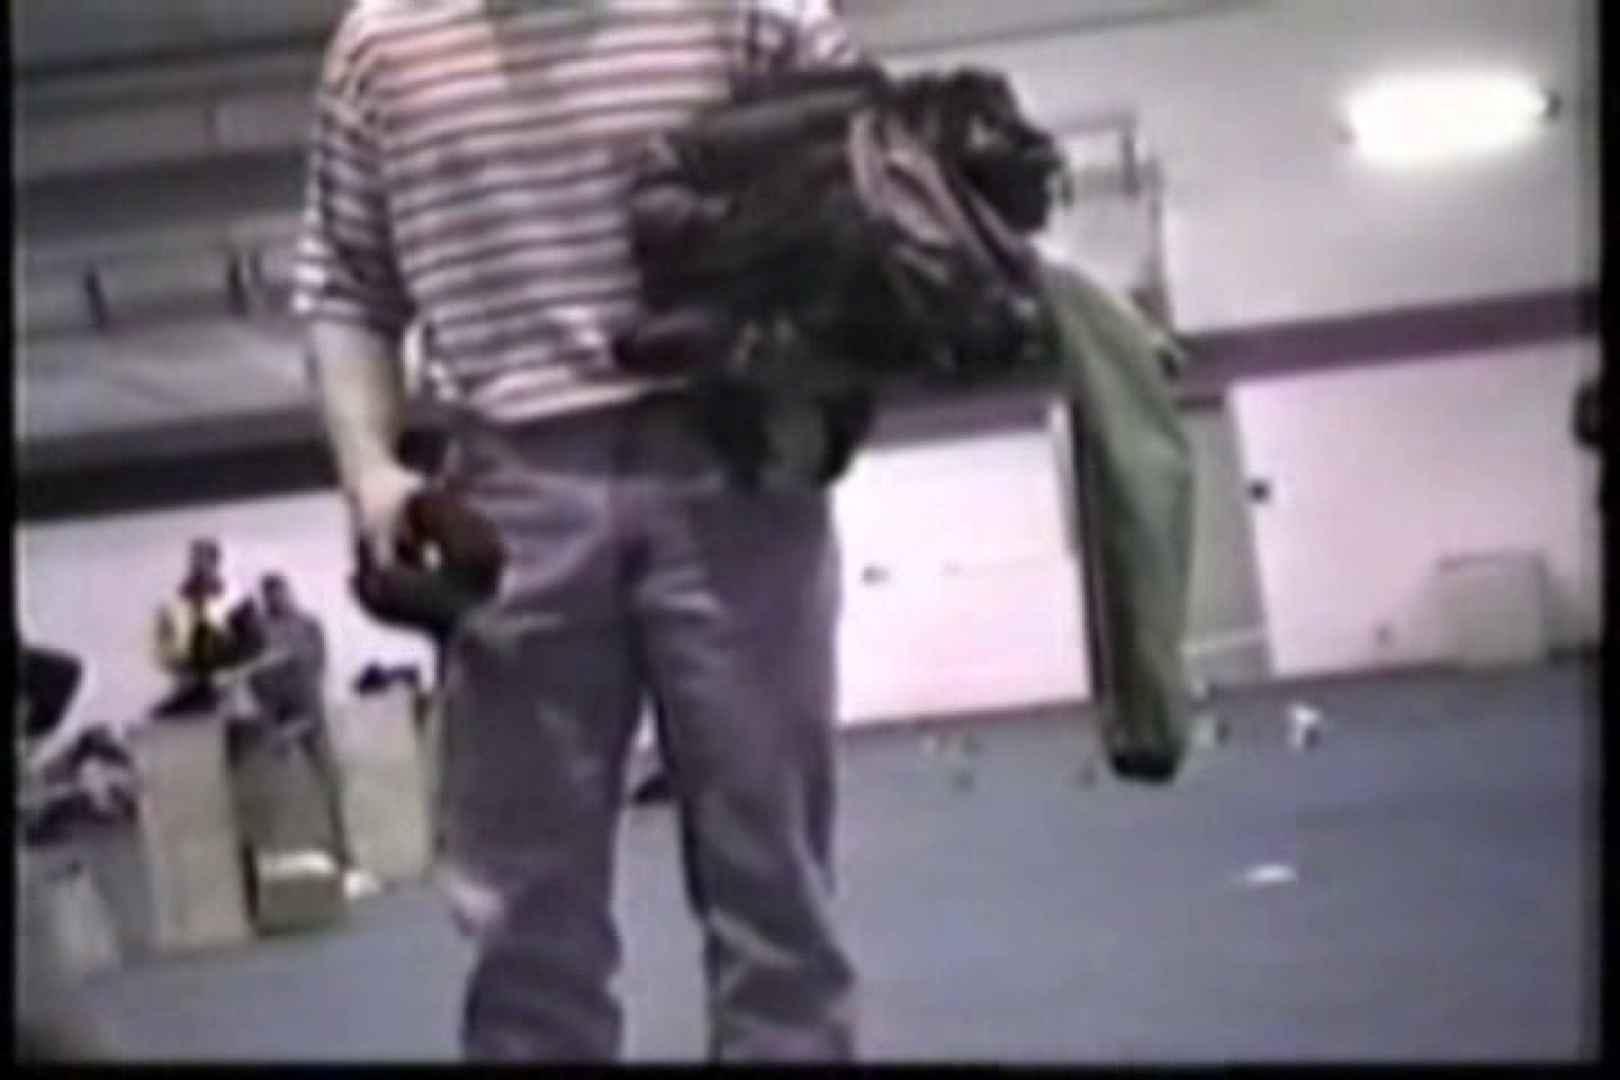 洋人さんの脱衣所を覗いてみました。VOL.8 私服がかっこいい ゲイフリーエロ画像 62枚 62